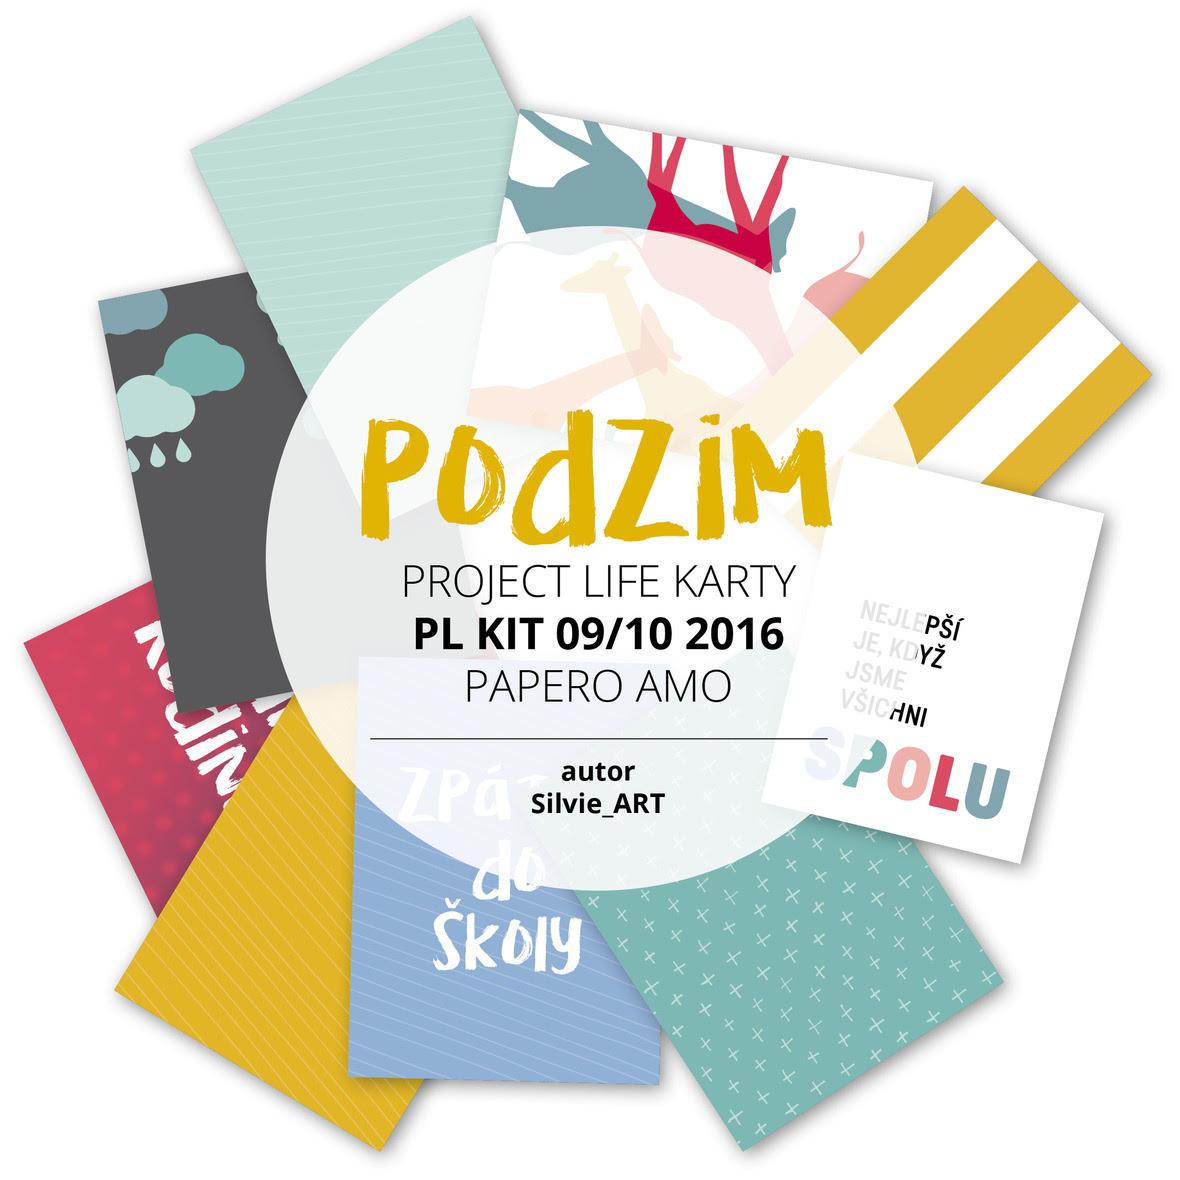 PL kit 09 10